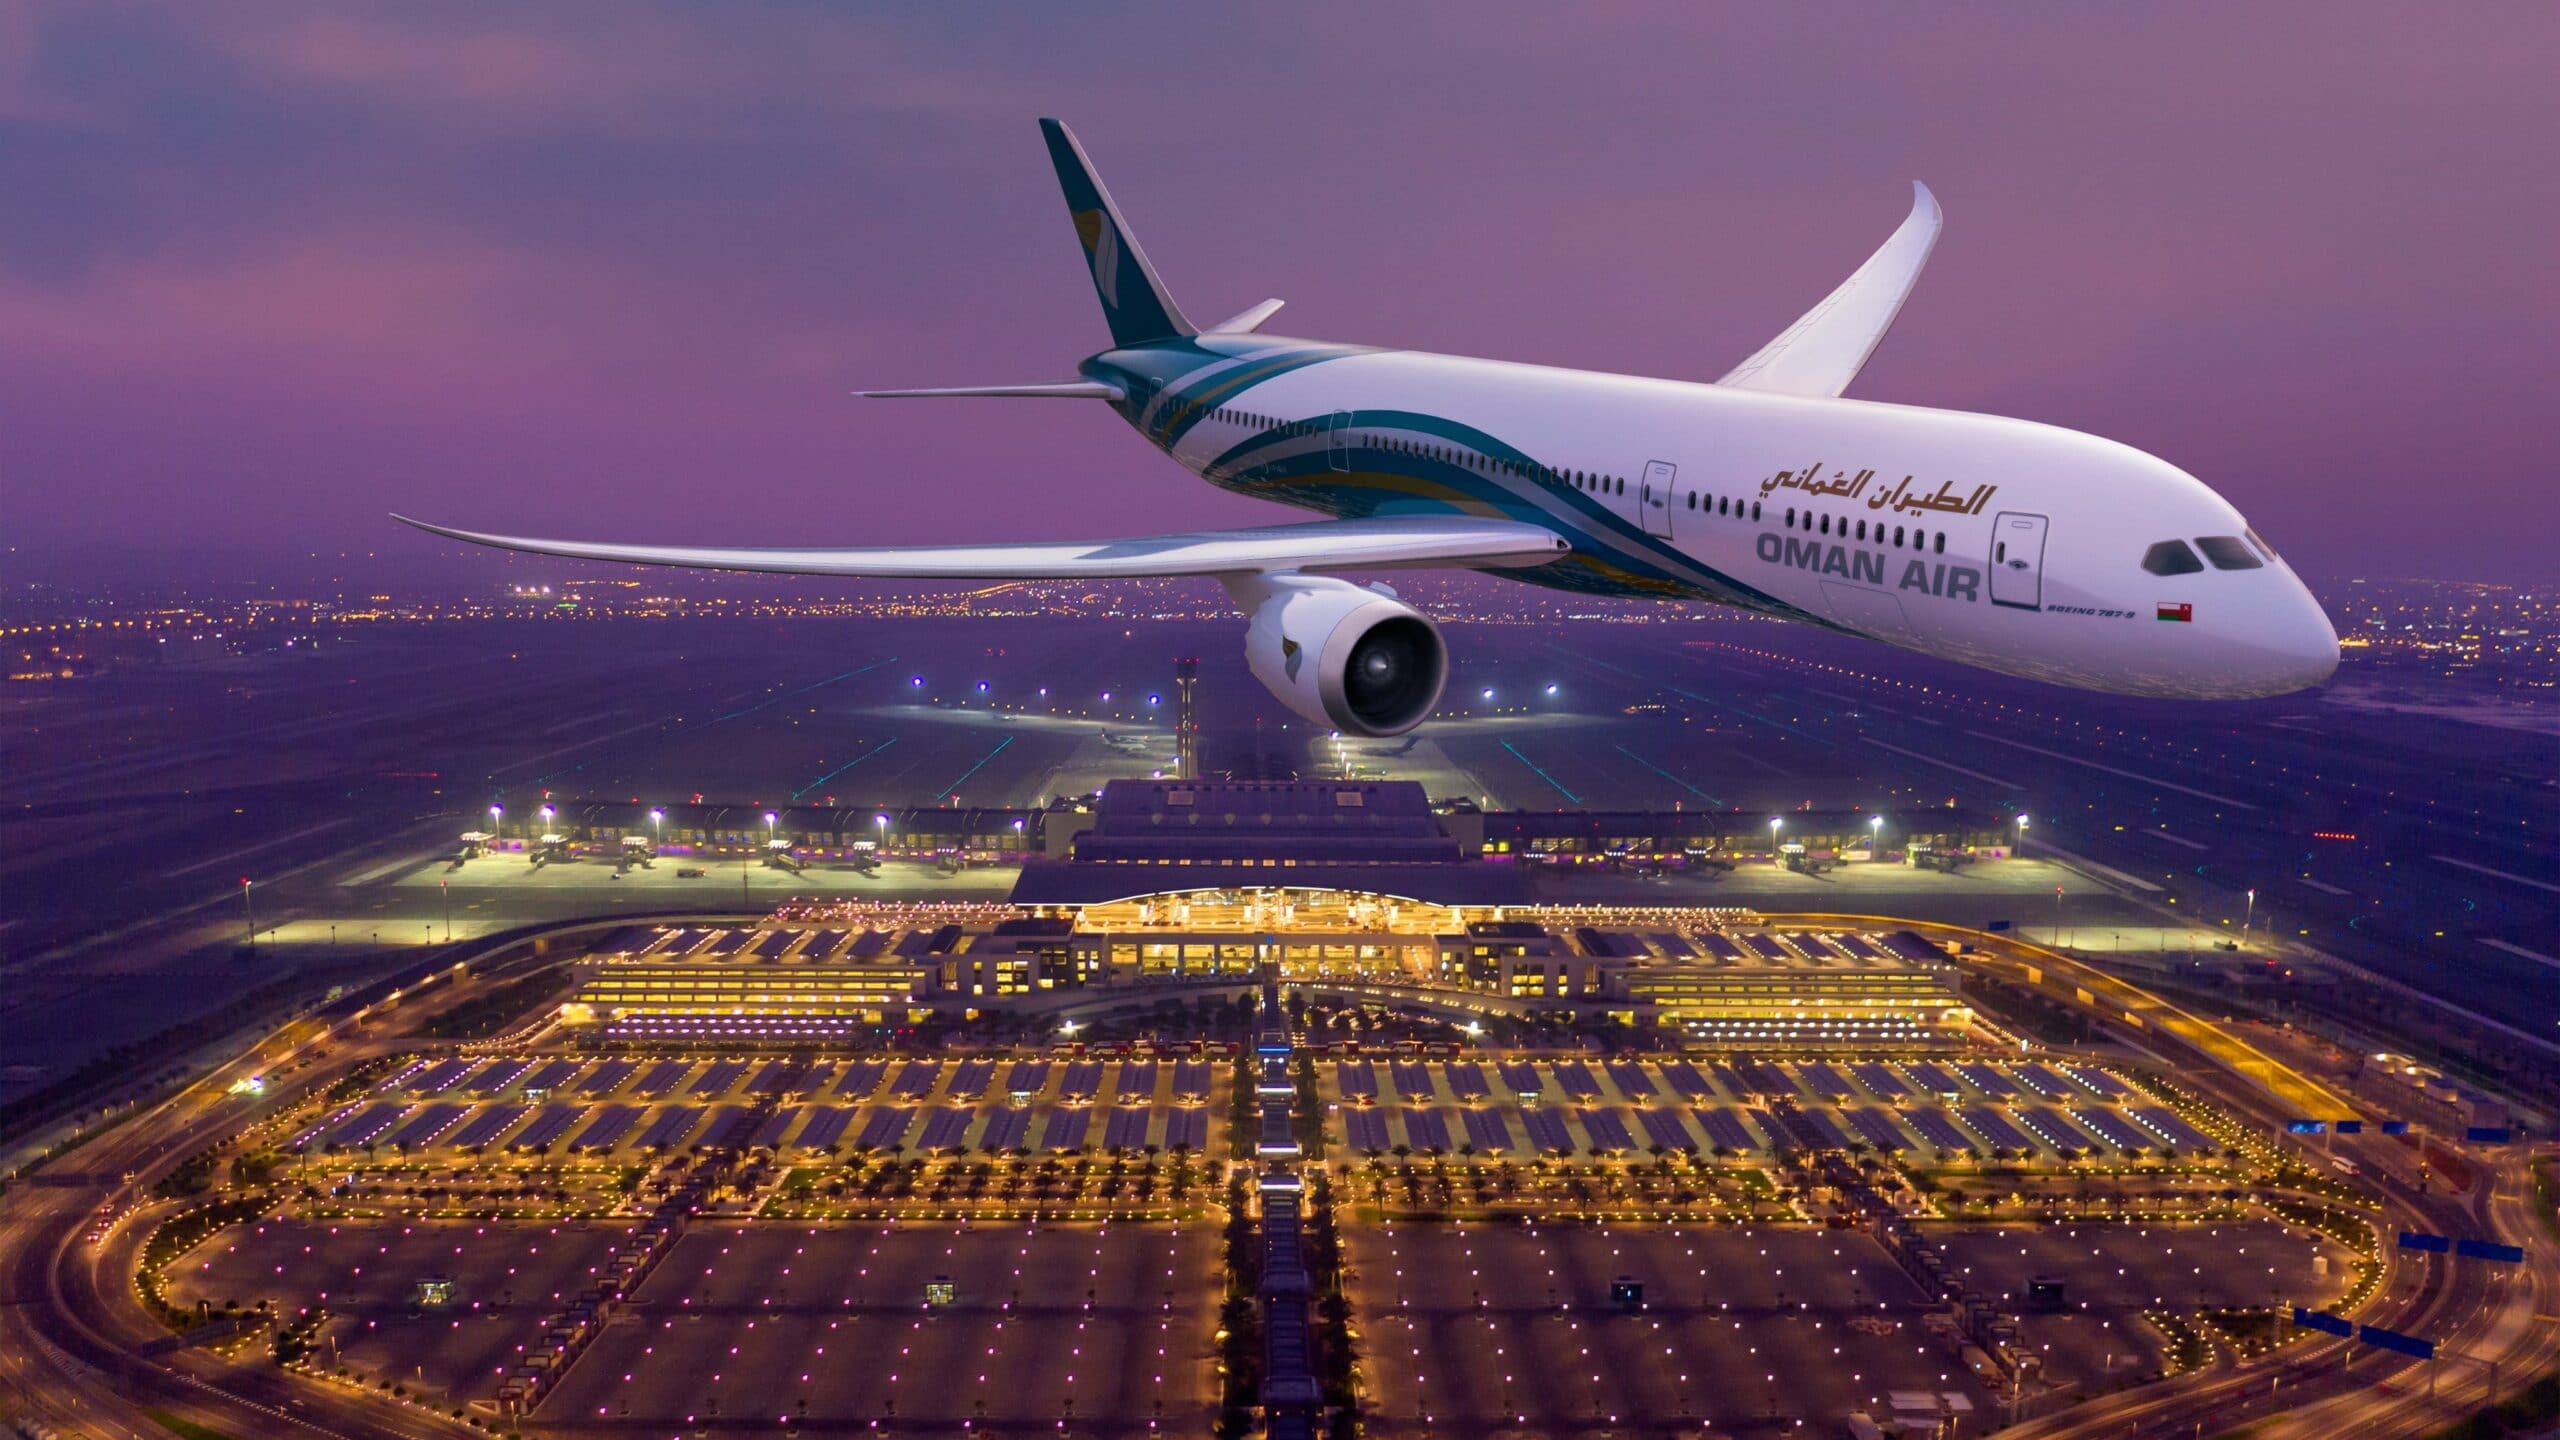 سلطنة عمان تعلن حظر دخول المسافرين من هذه الدول بدءاً من اليوم